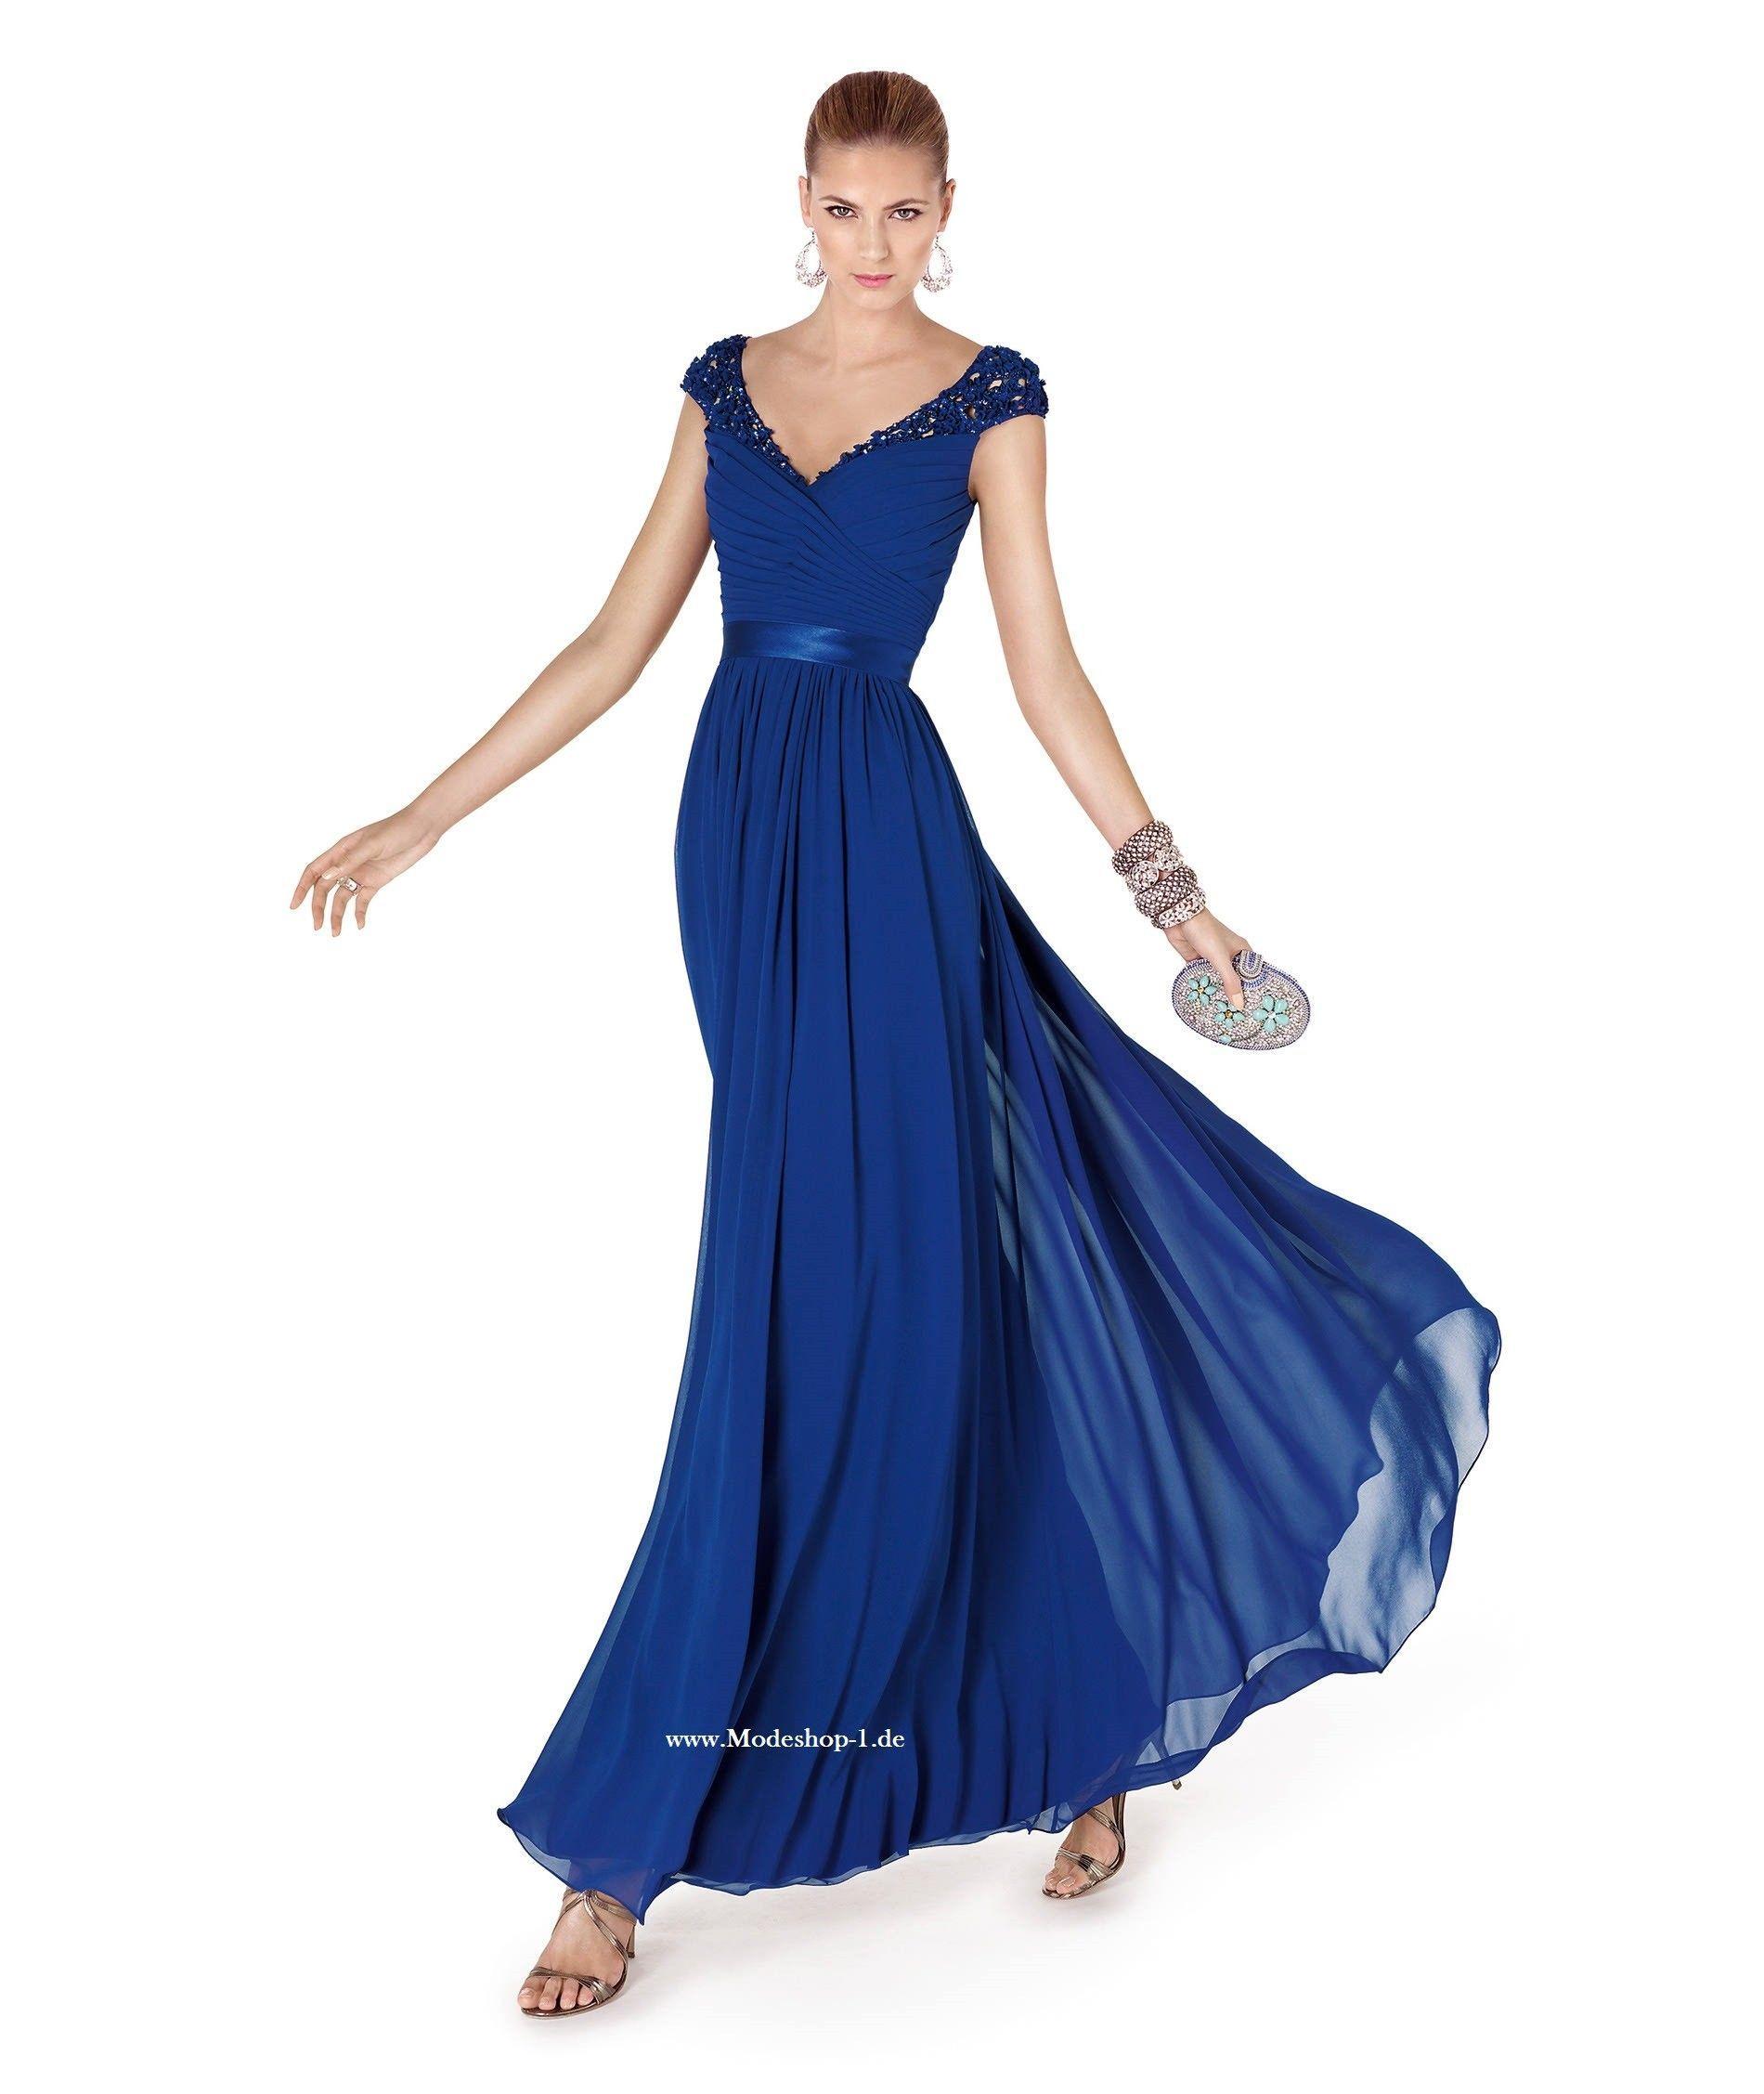 Abendkleider 12 Dunkelblaues Abendkleid mit V Dekollette Online